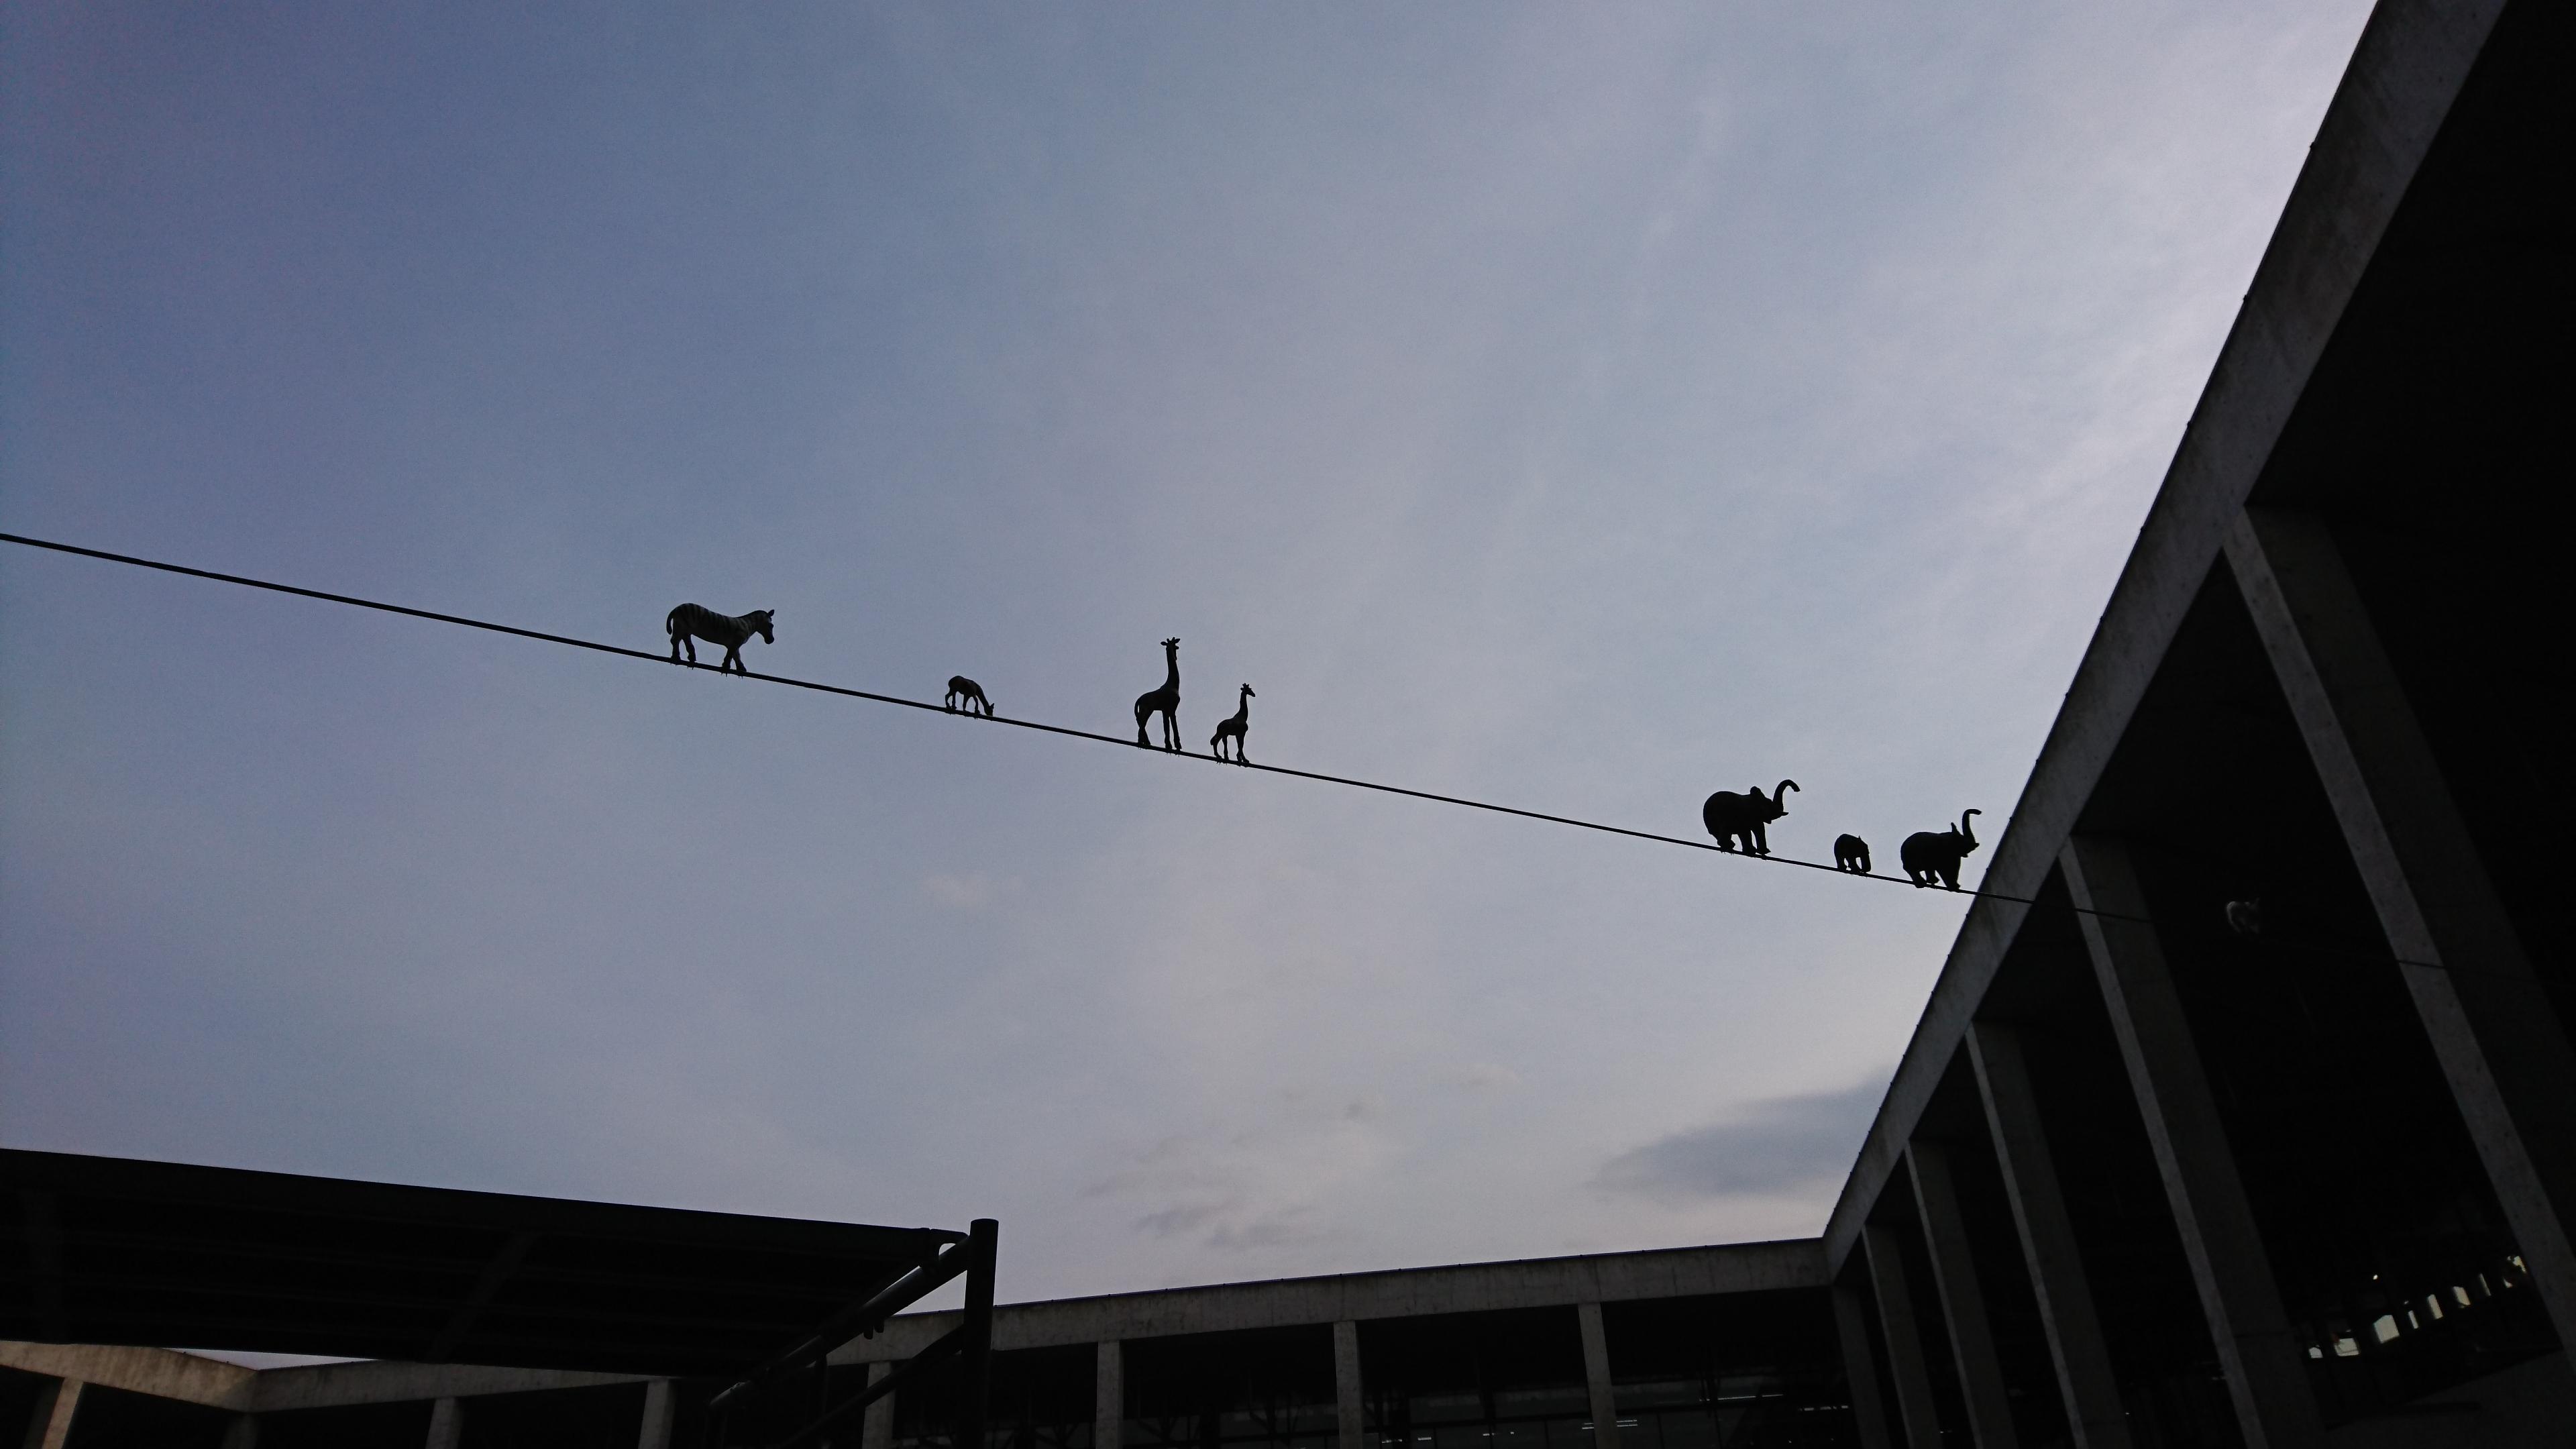 『大地の芸術祭』もう一度見たい名作展 @越後妻有里山現代美術館キナーレ